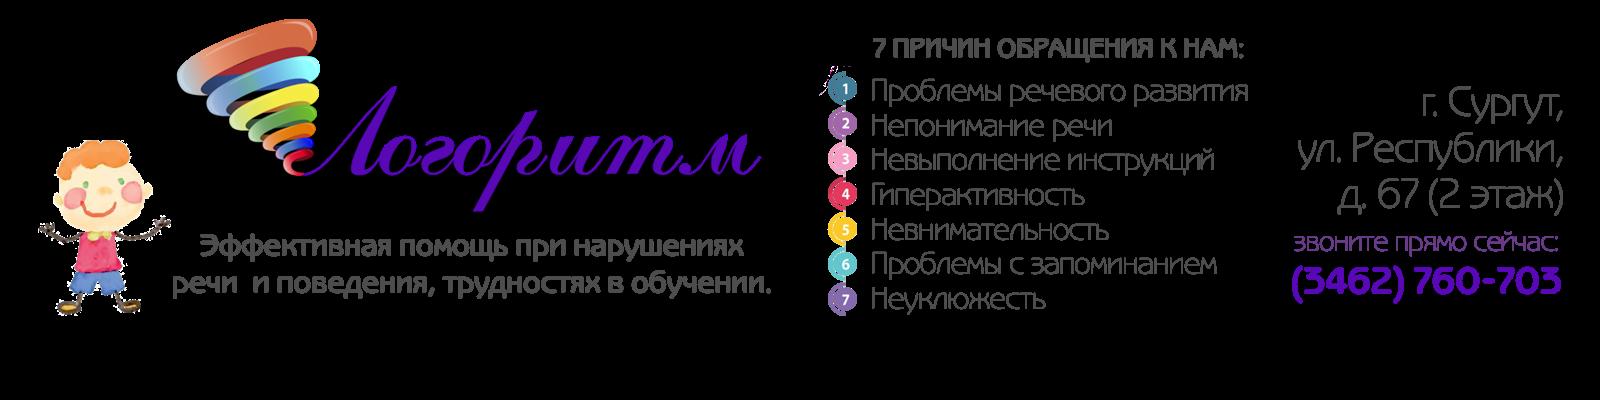 Логоритм - Центр дополнительного образования и коррекции - г. Сургут